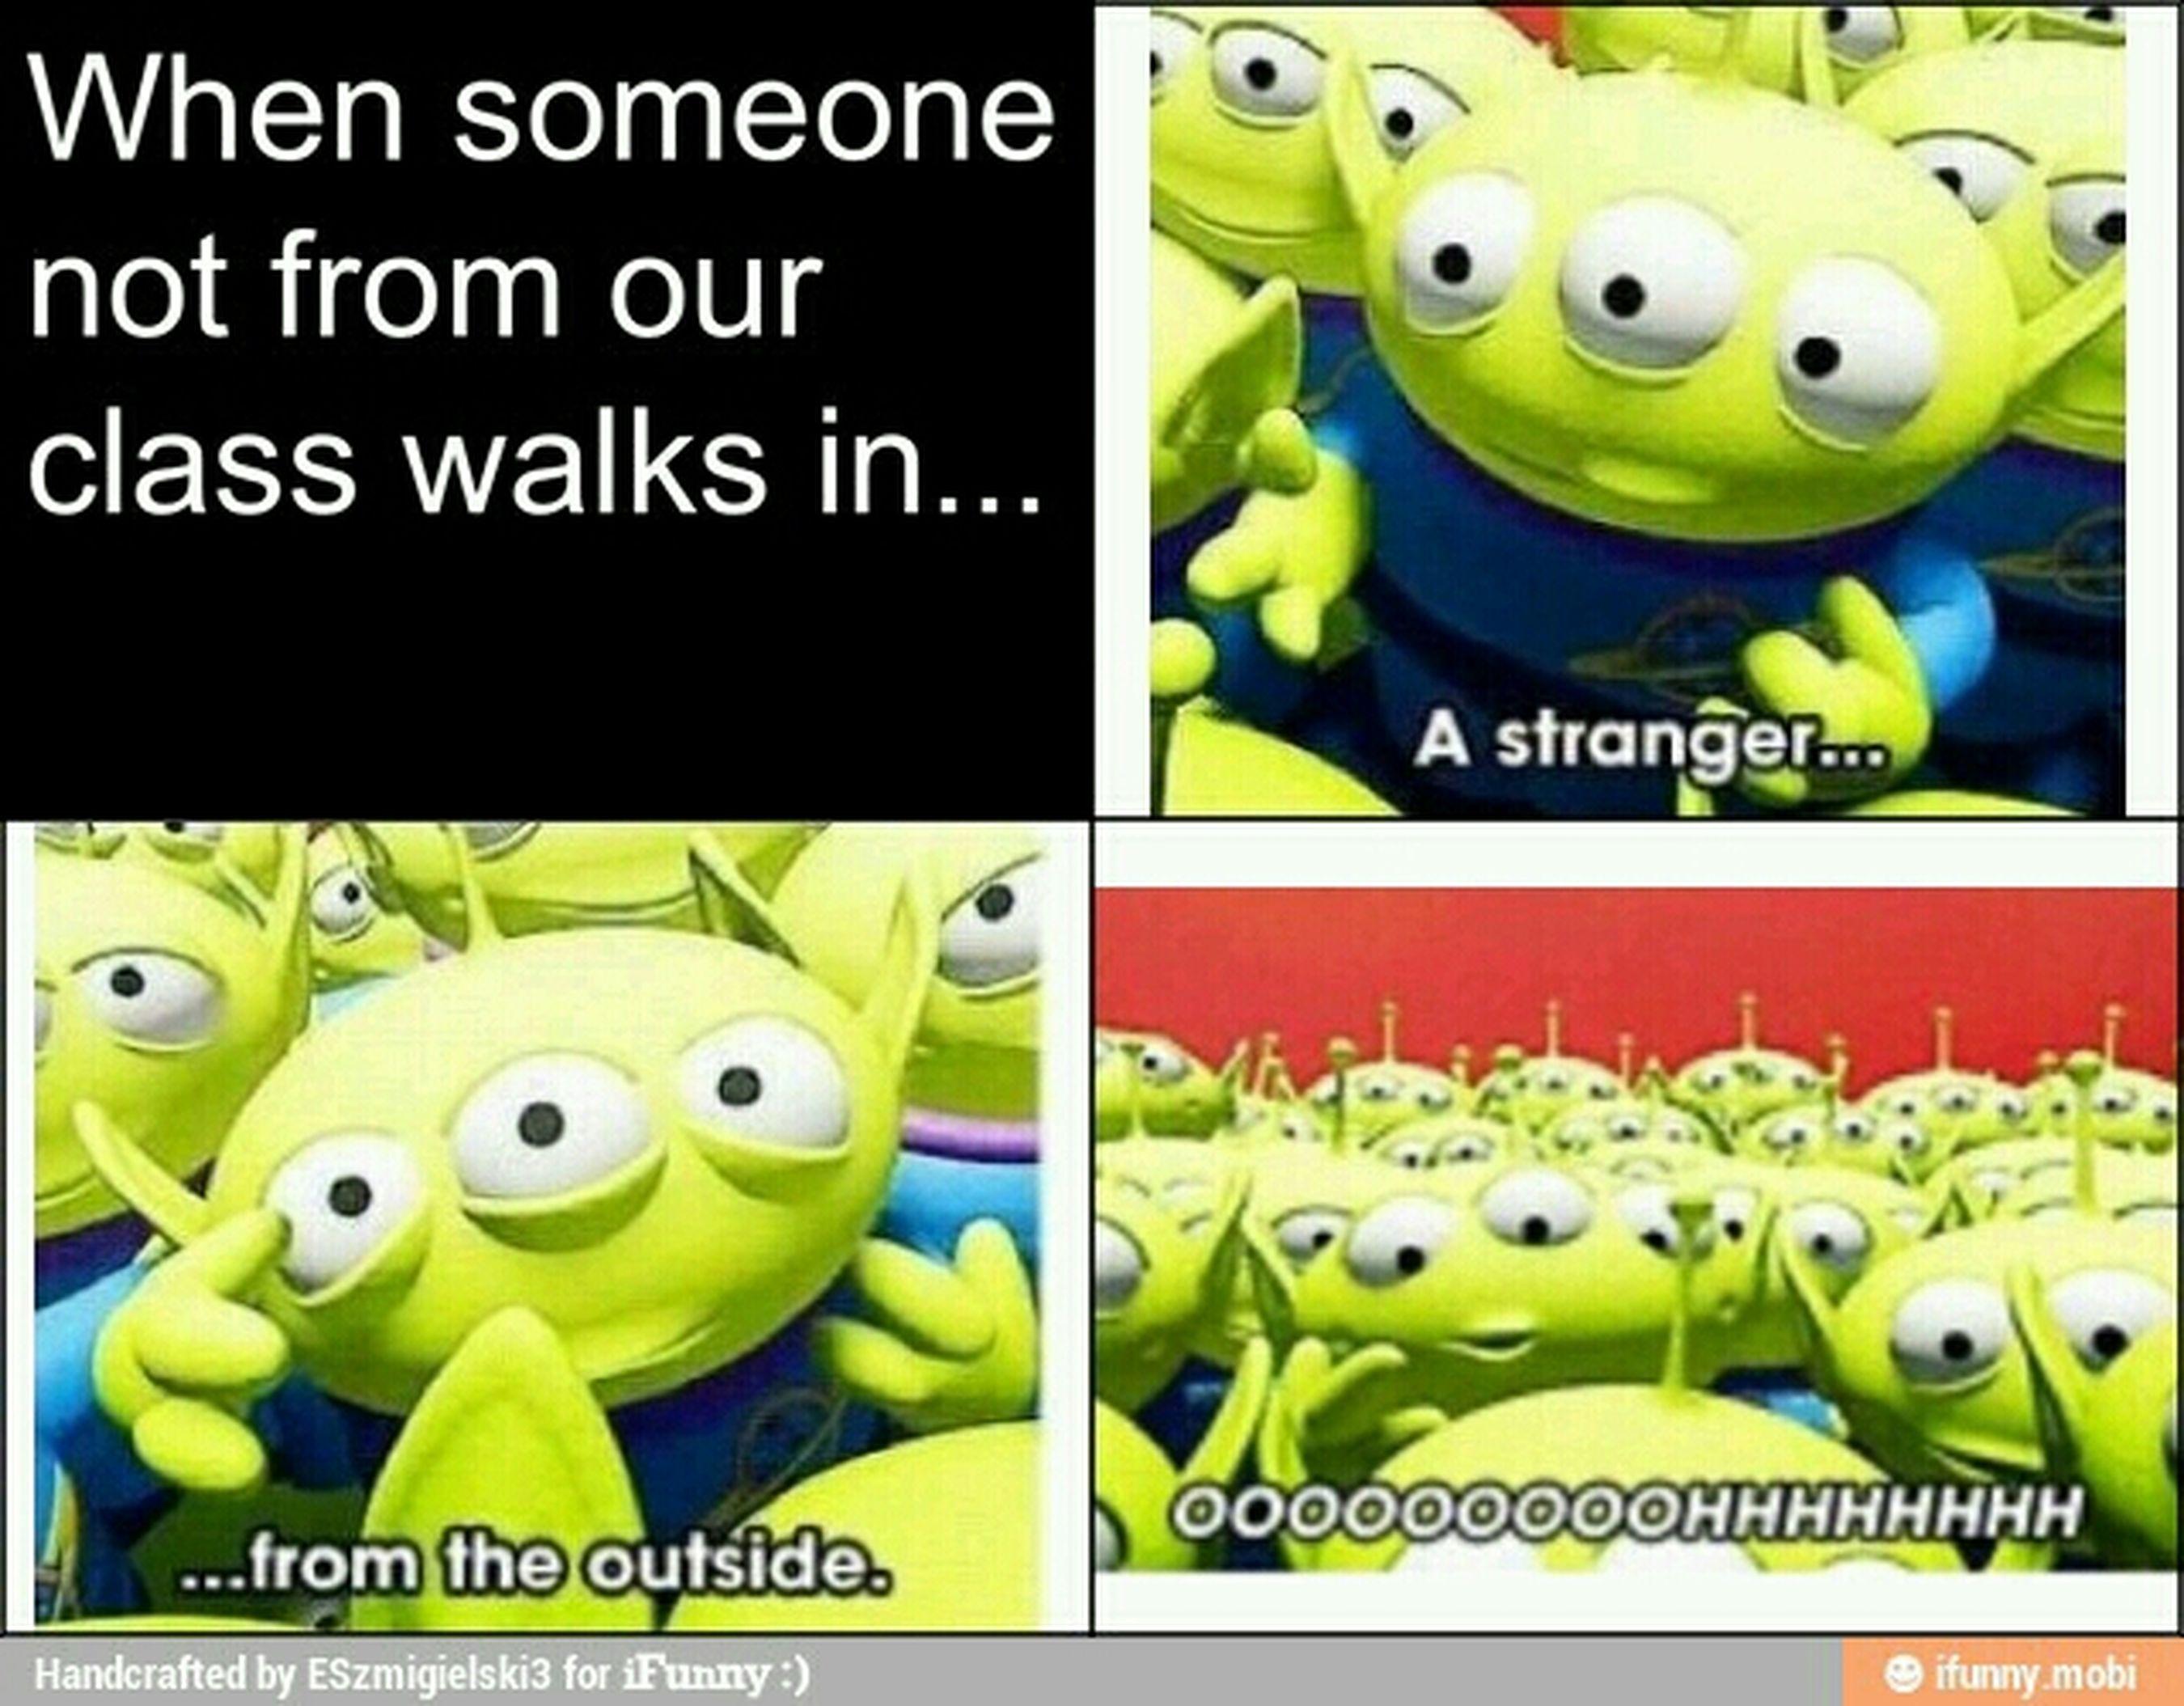 It always happens.... admitt it! -___-